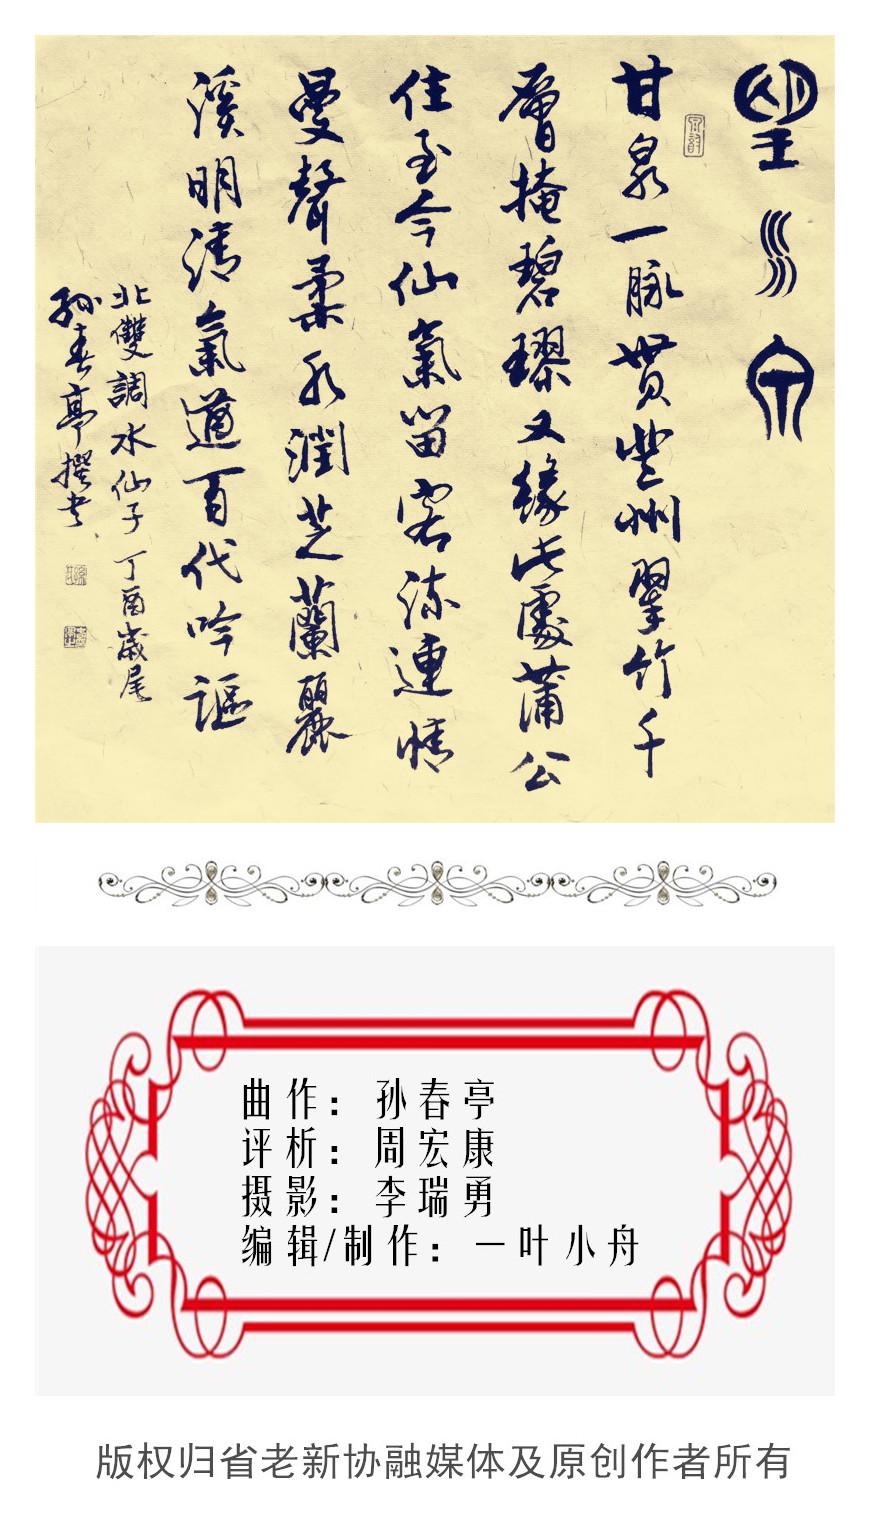 14望水泉_书法红色落款版权归省老新协融媒体及原创作者所有